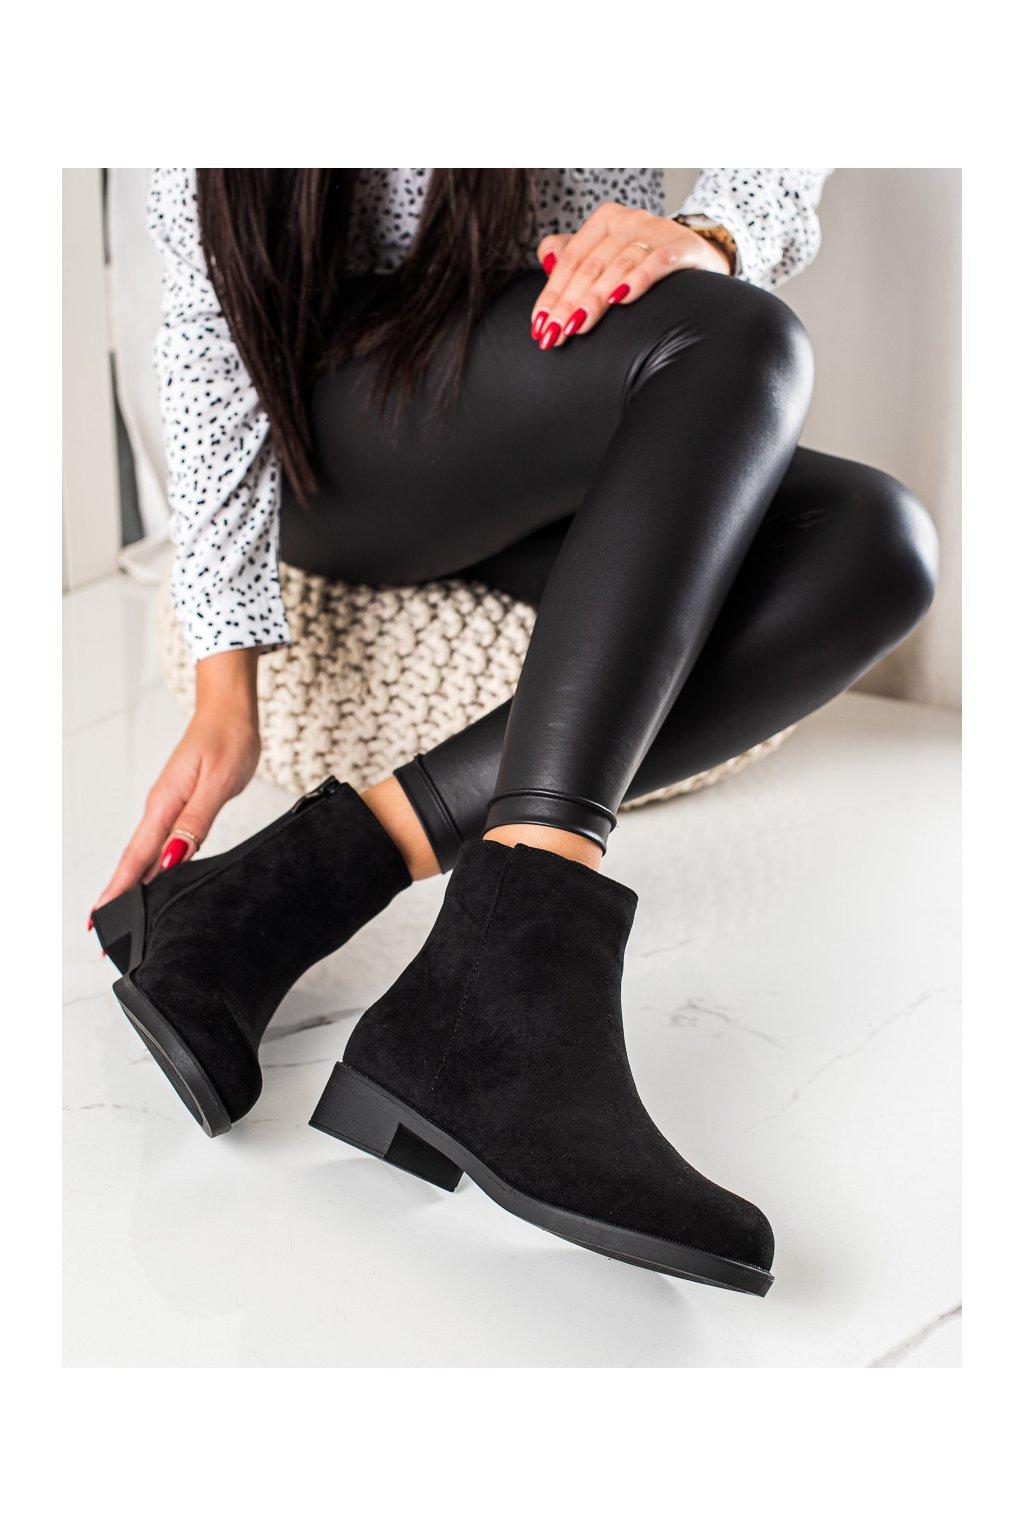 Čierne dámske topánky Mannika kod 6215B